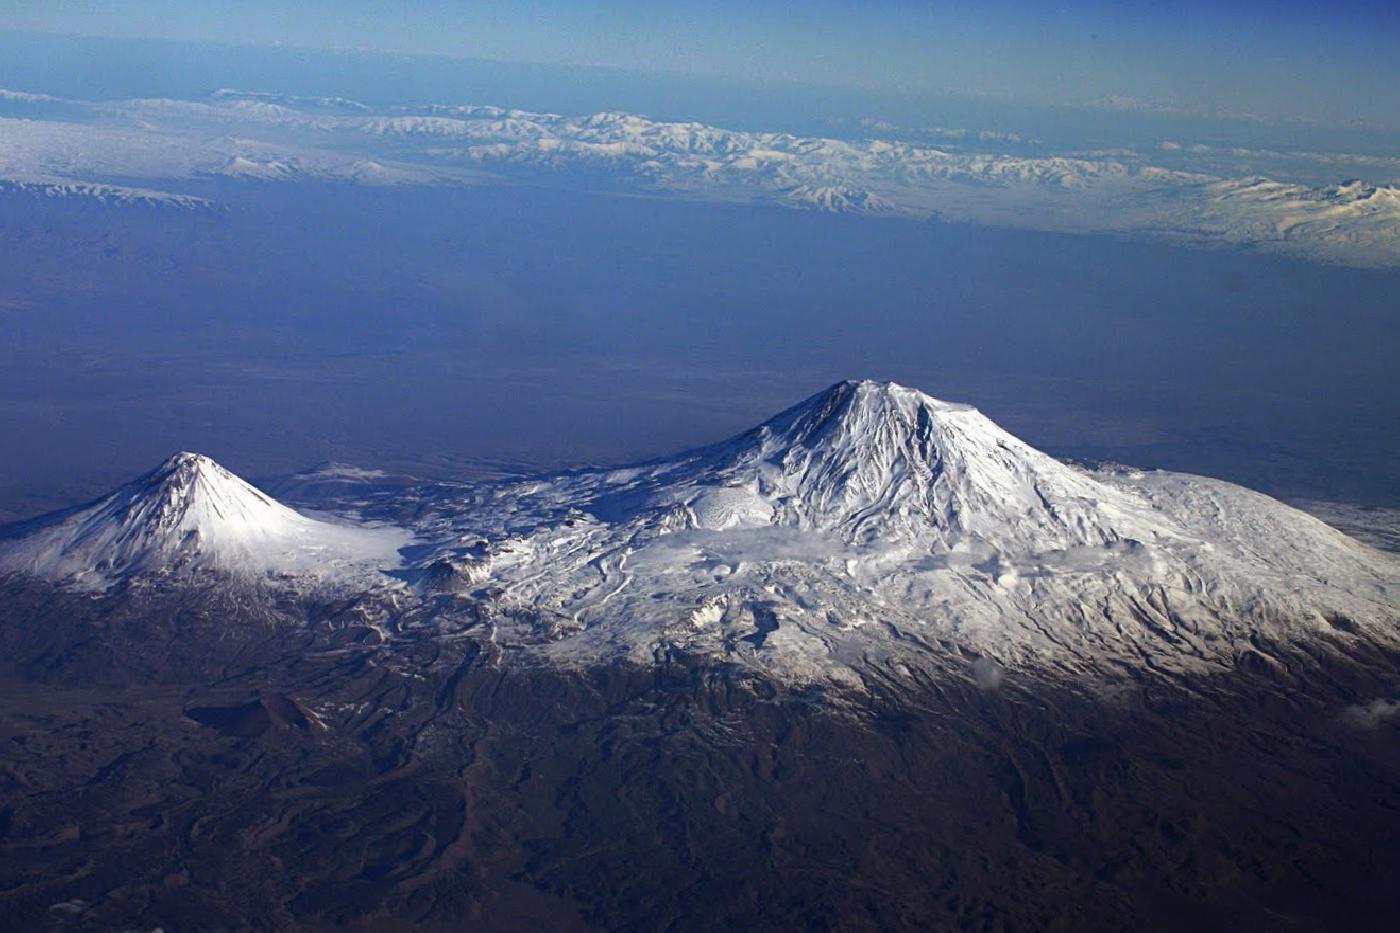 Ağrı Dağı fotoğrafı